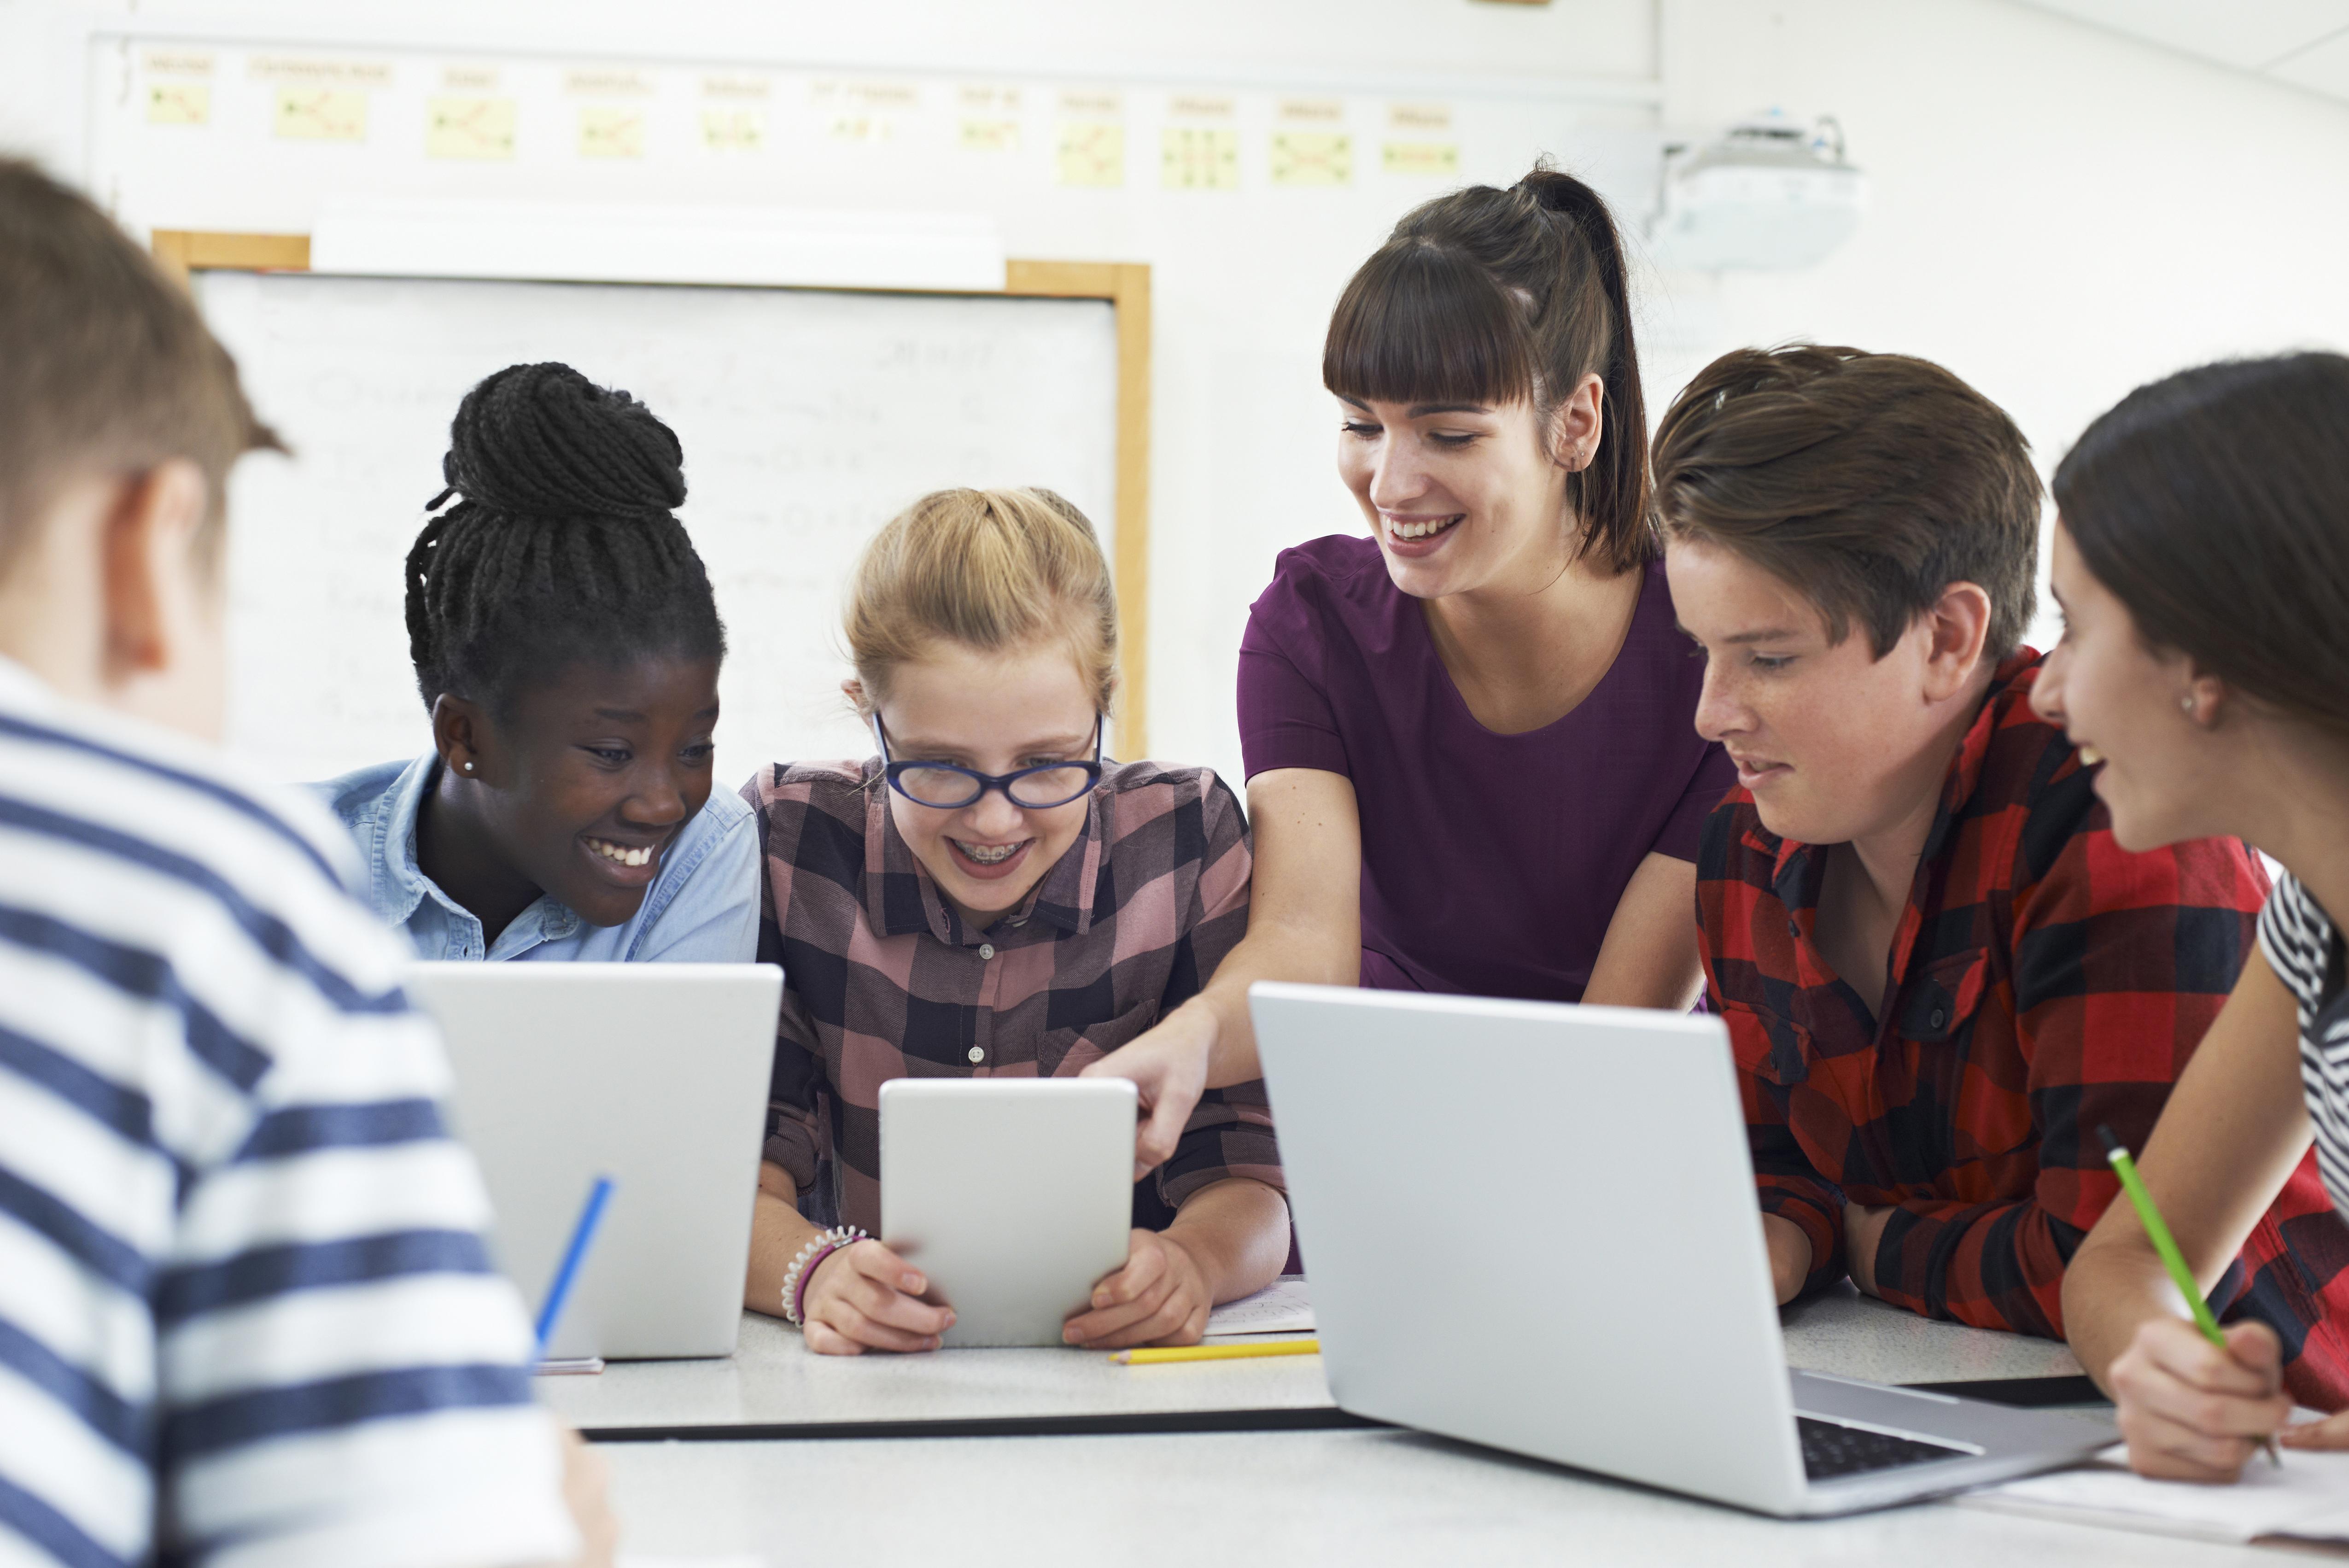 Des élèves travaillant sur des ordinateurs portables pendant que l'enseignante montre quelque chose sur un écran.